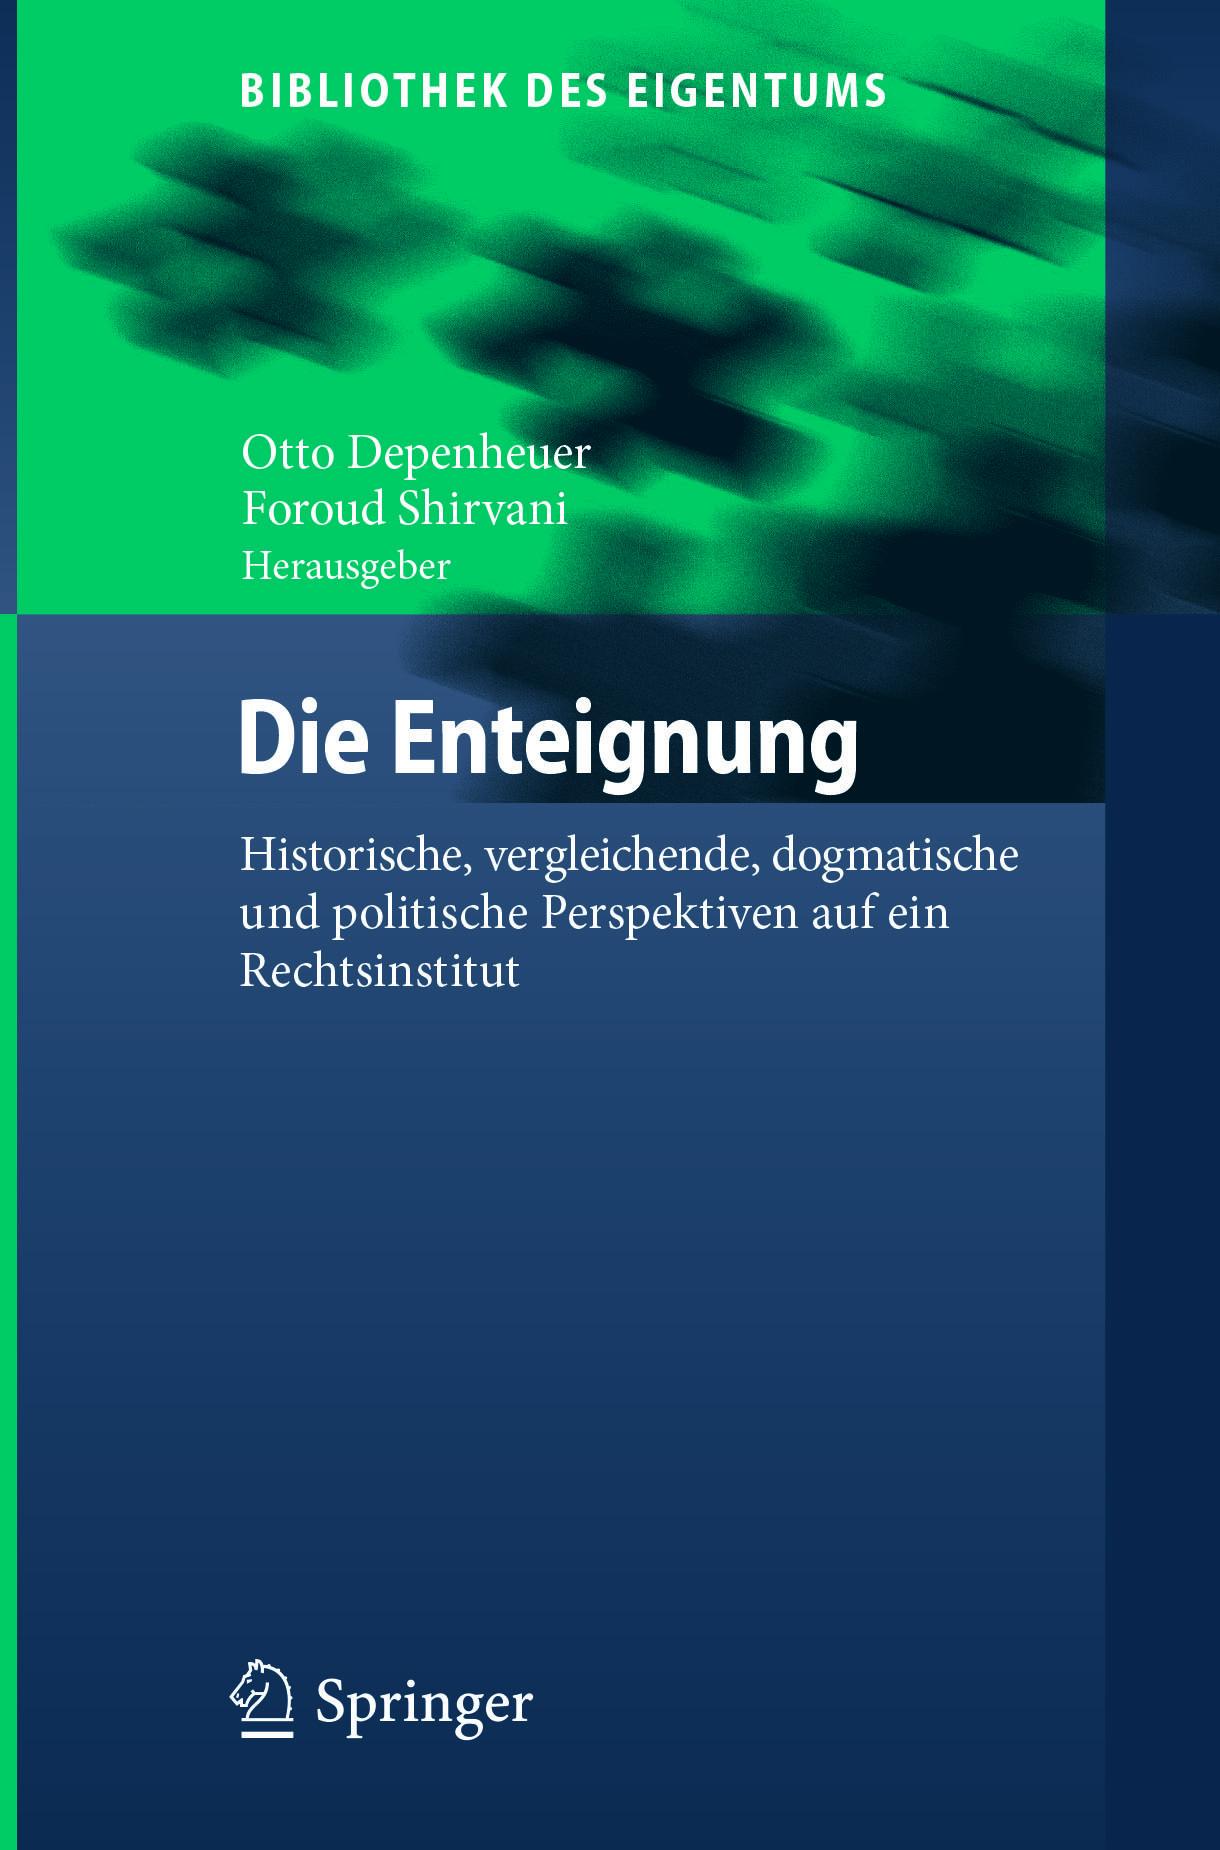 Depenheuer, Otto - Die Enteignung, ebook